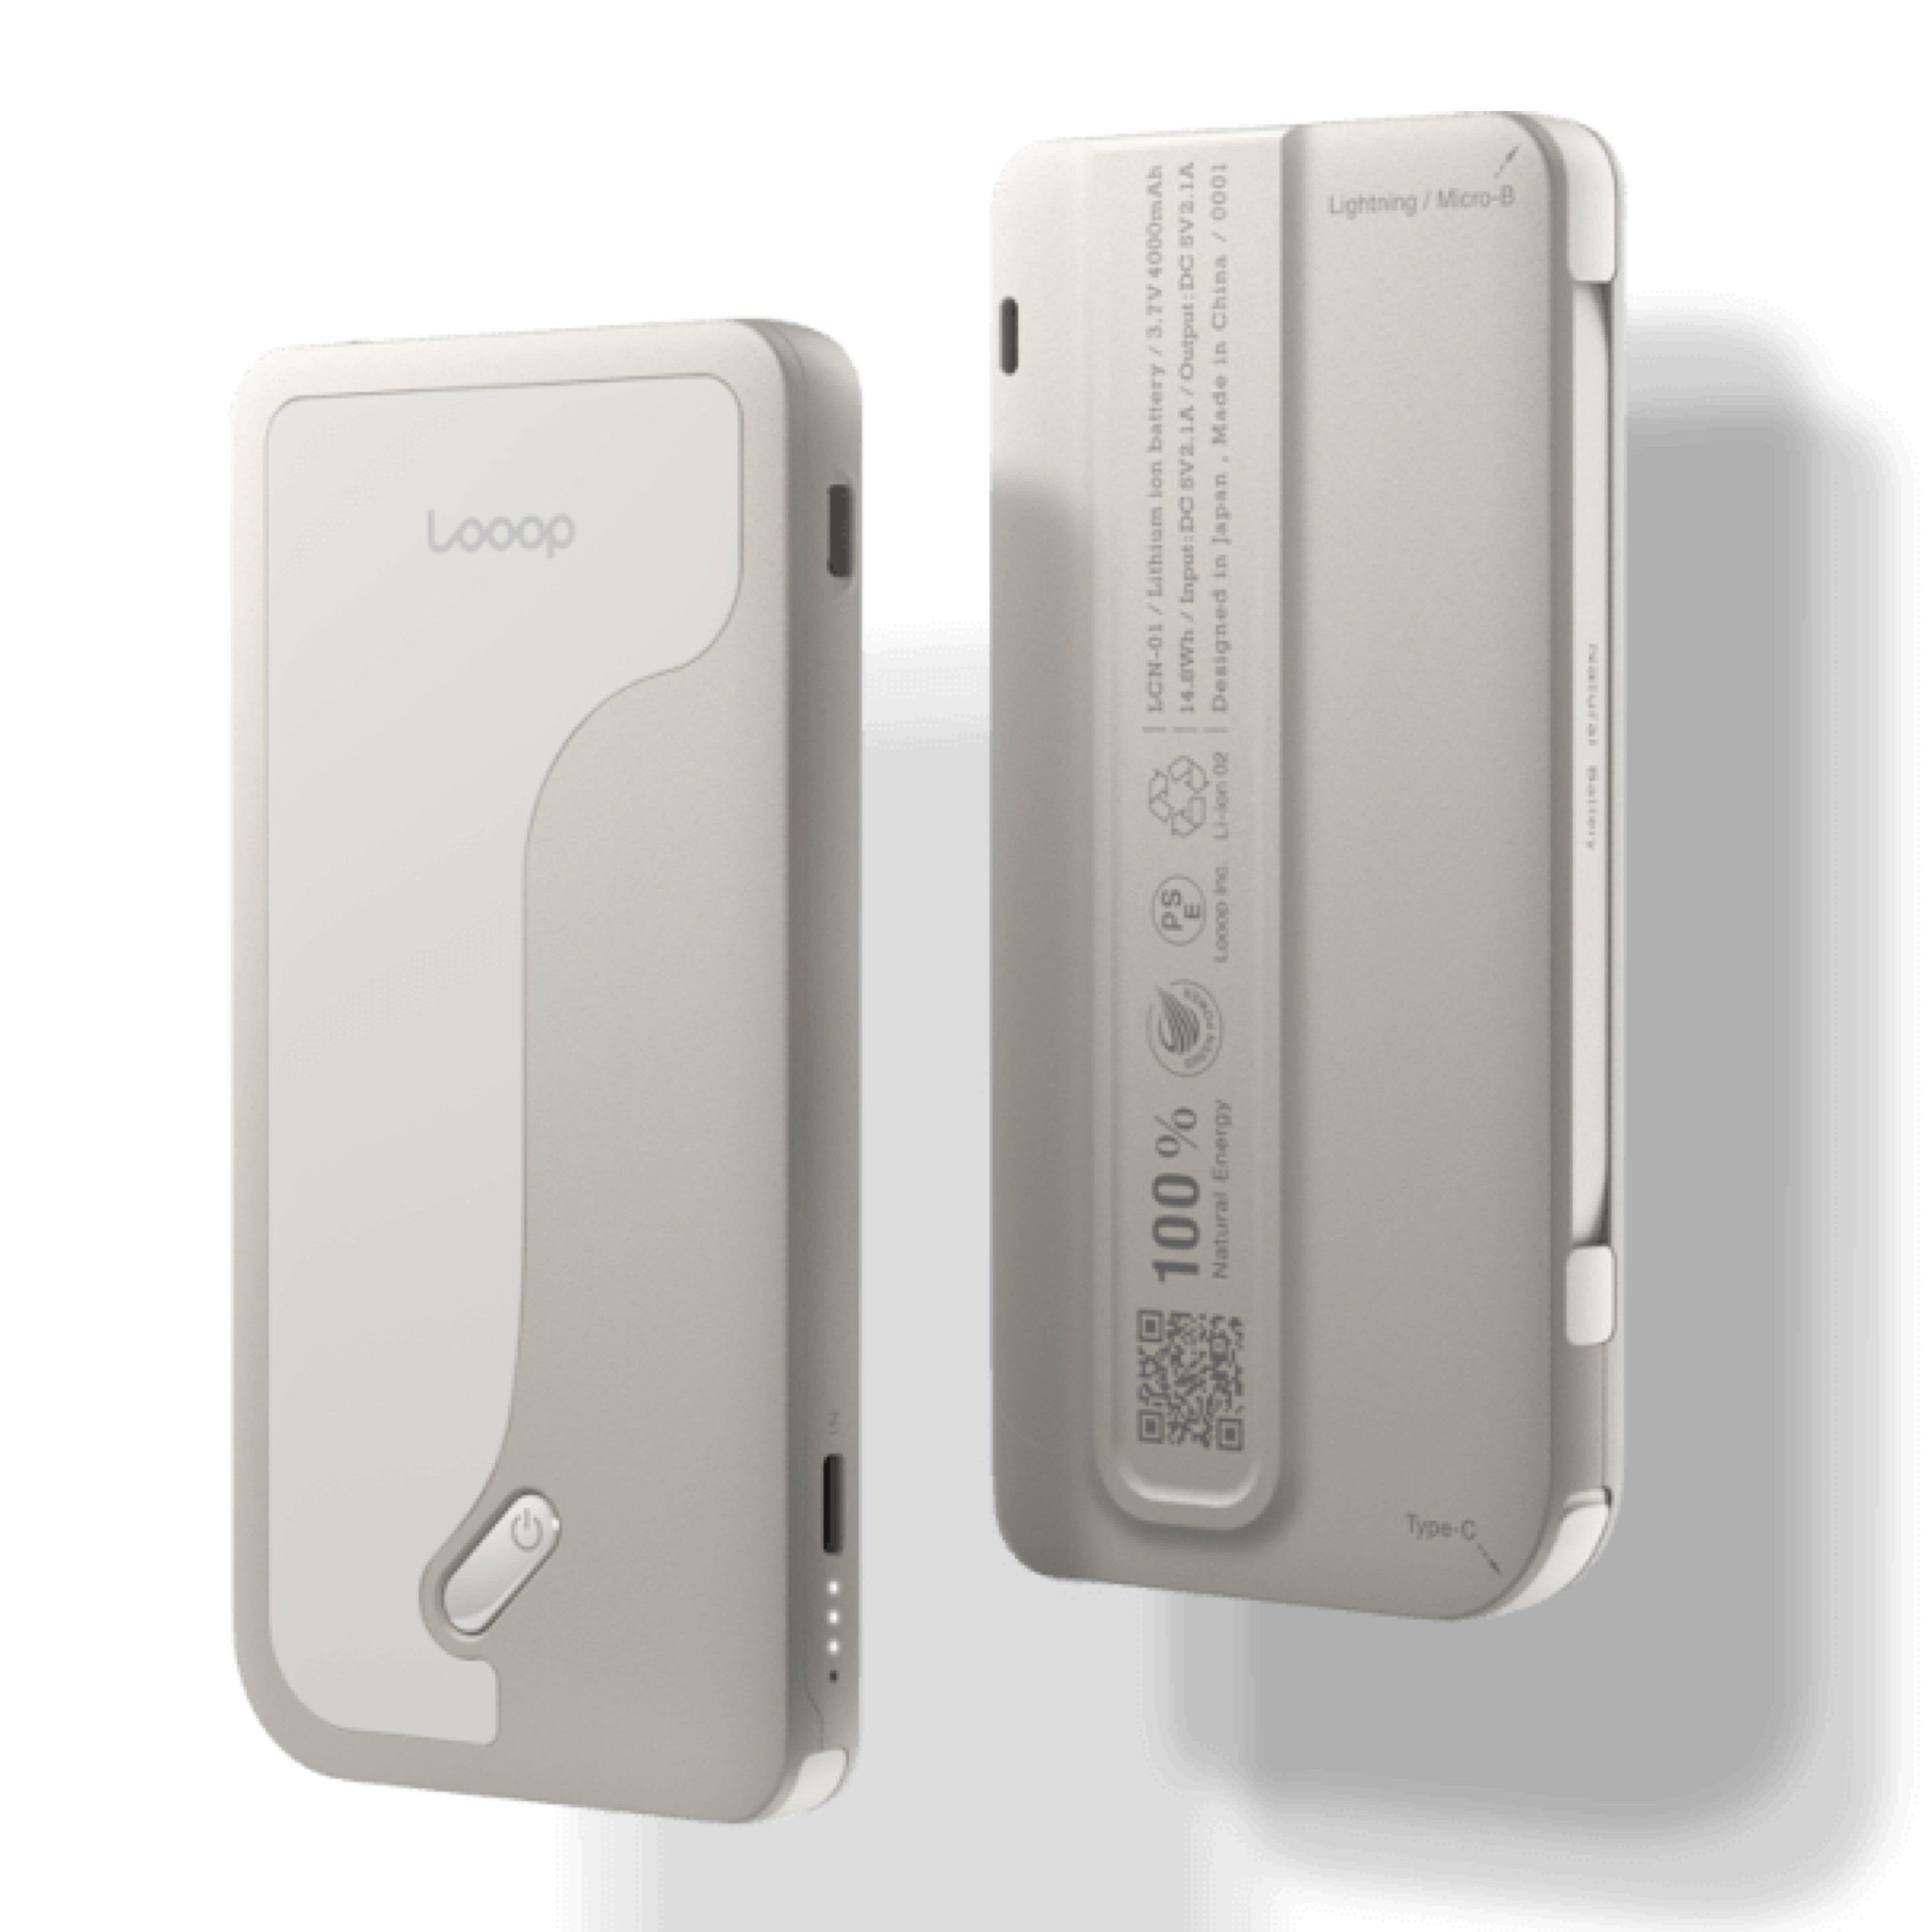 【店頭販売限定】Looop Charge モバイルバッテリー 4000mAh(PSE認証済み)のイメージその1